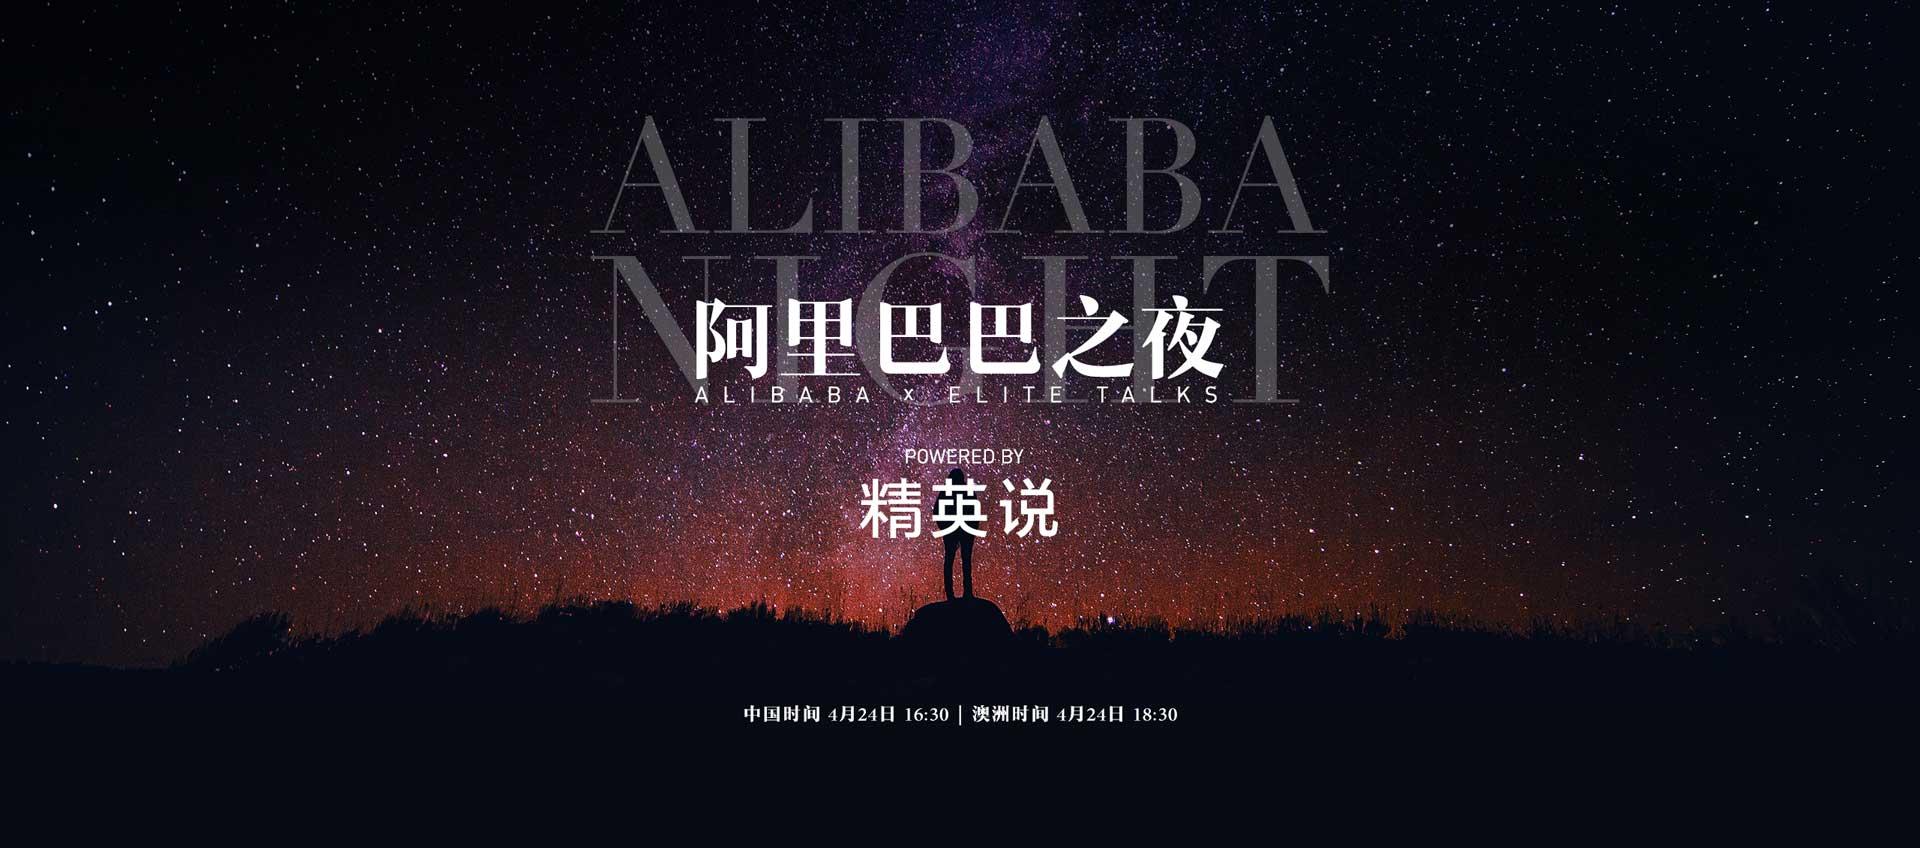 高管天团解析阿里巴巴集团全球战略发展及布局视频